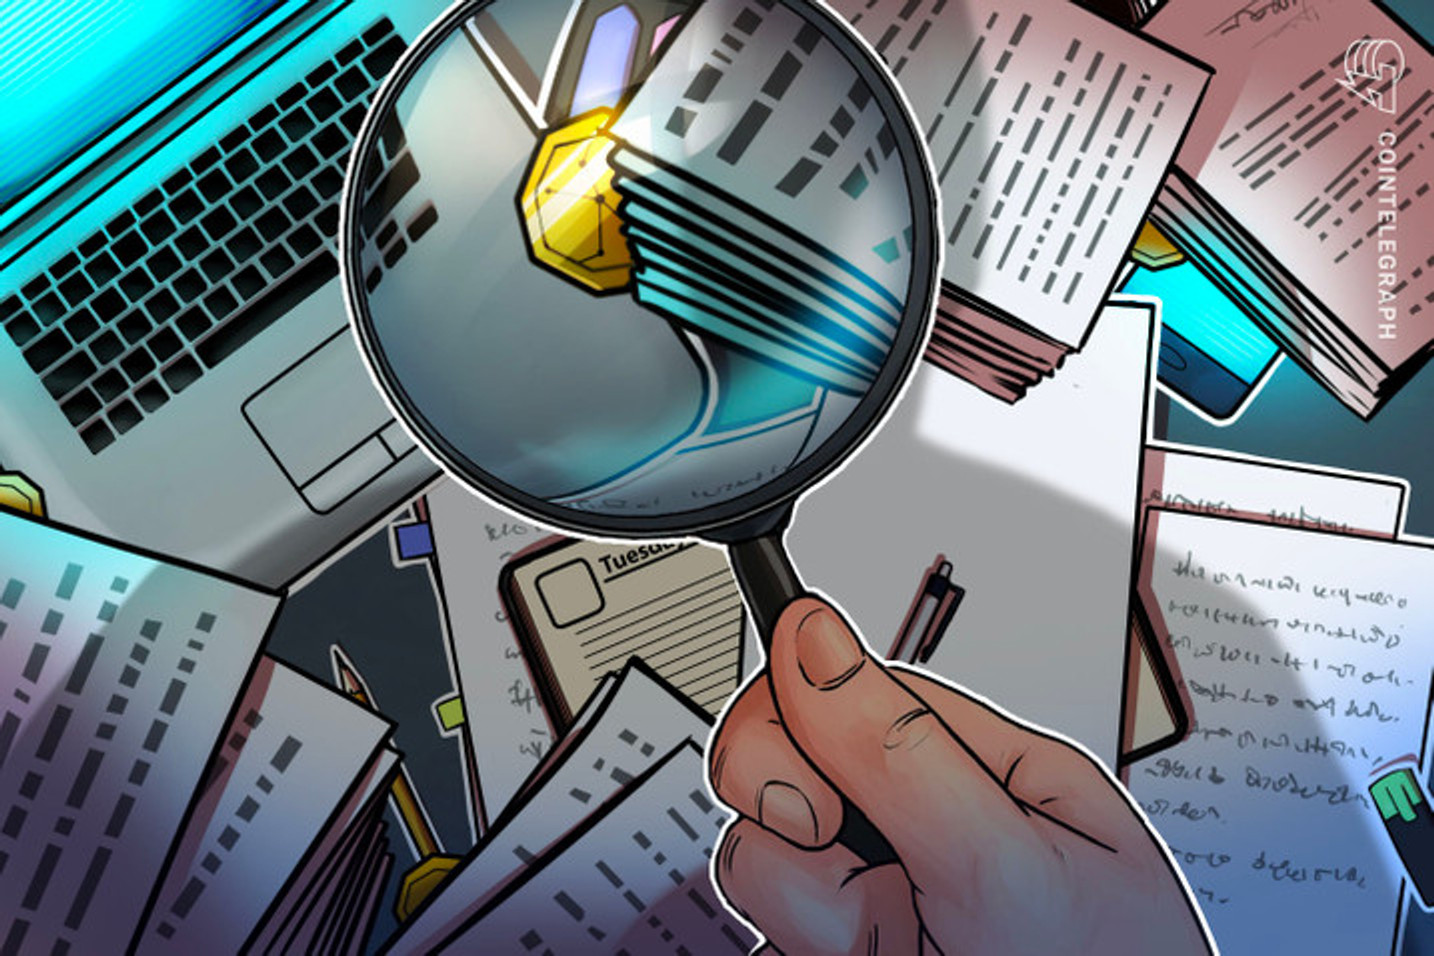 ONG Bitcoin Argentina fijó posición con respecto a los proyectos de Ley para regular criptoactivos